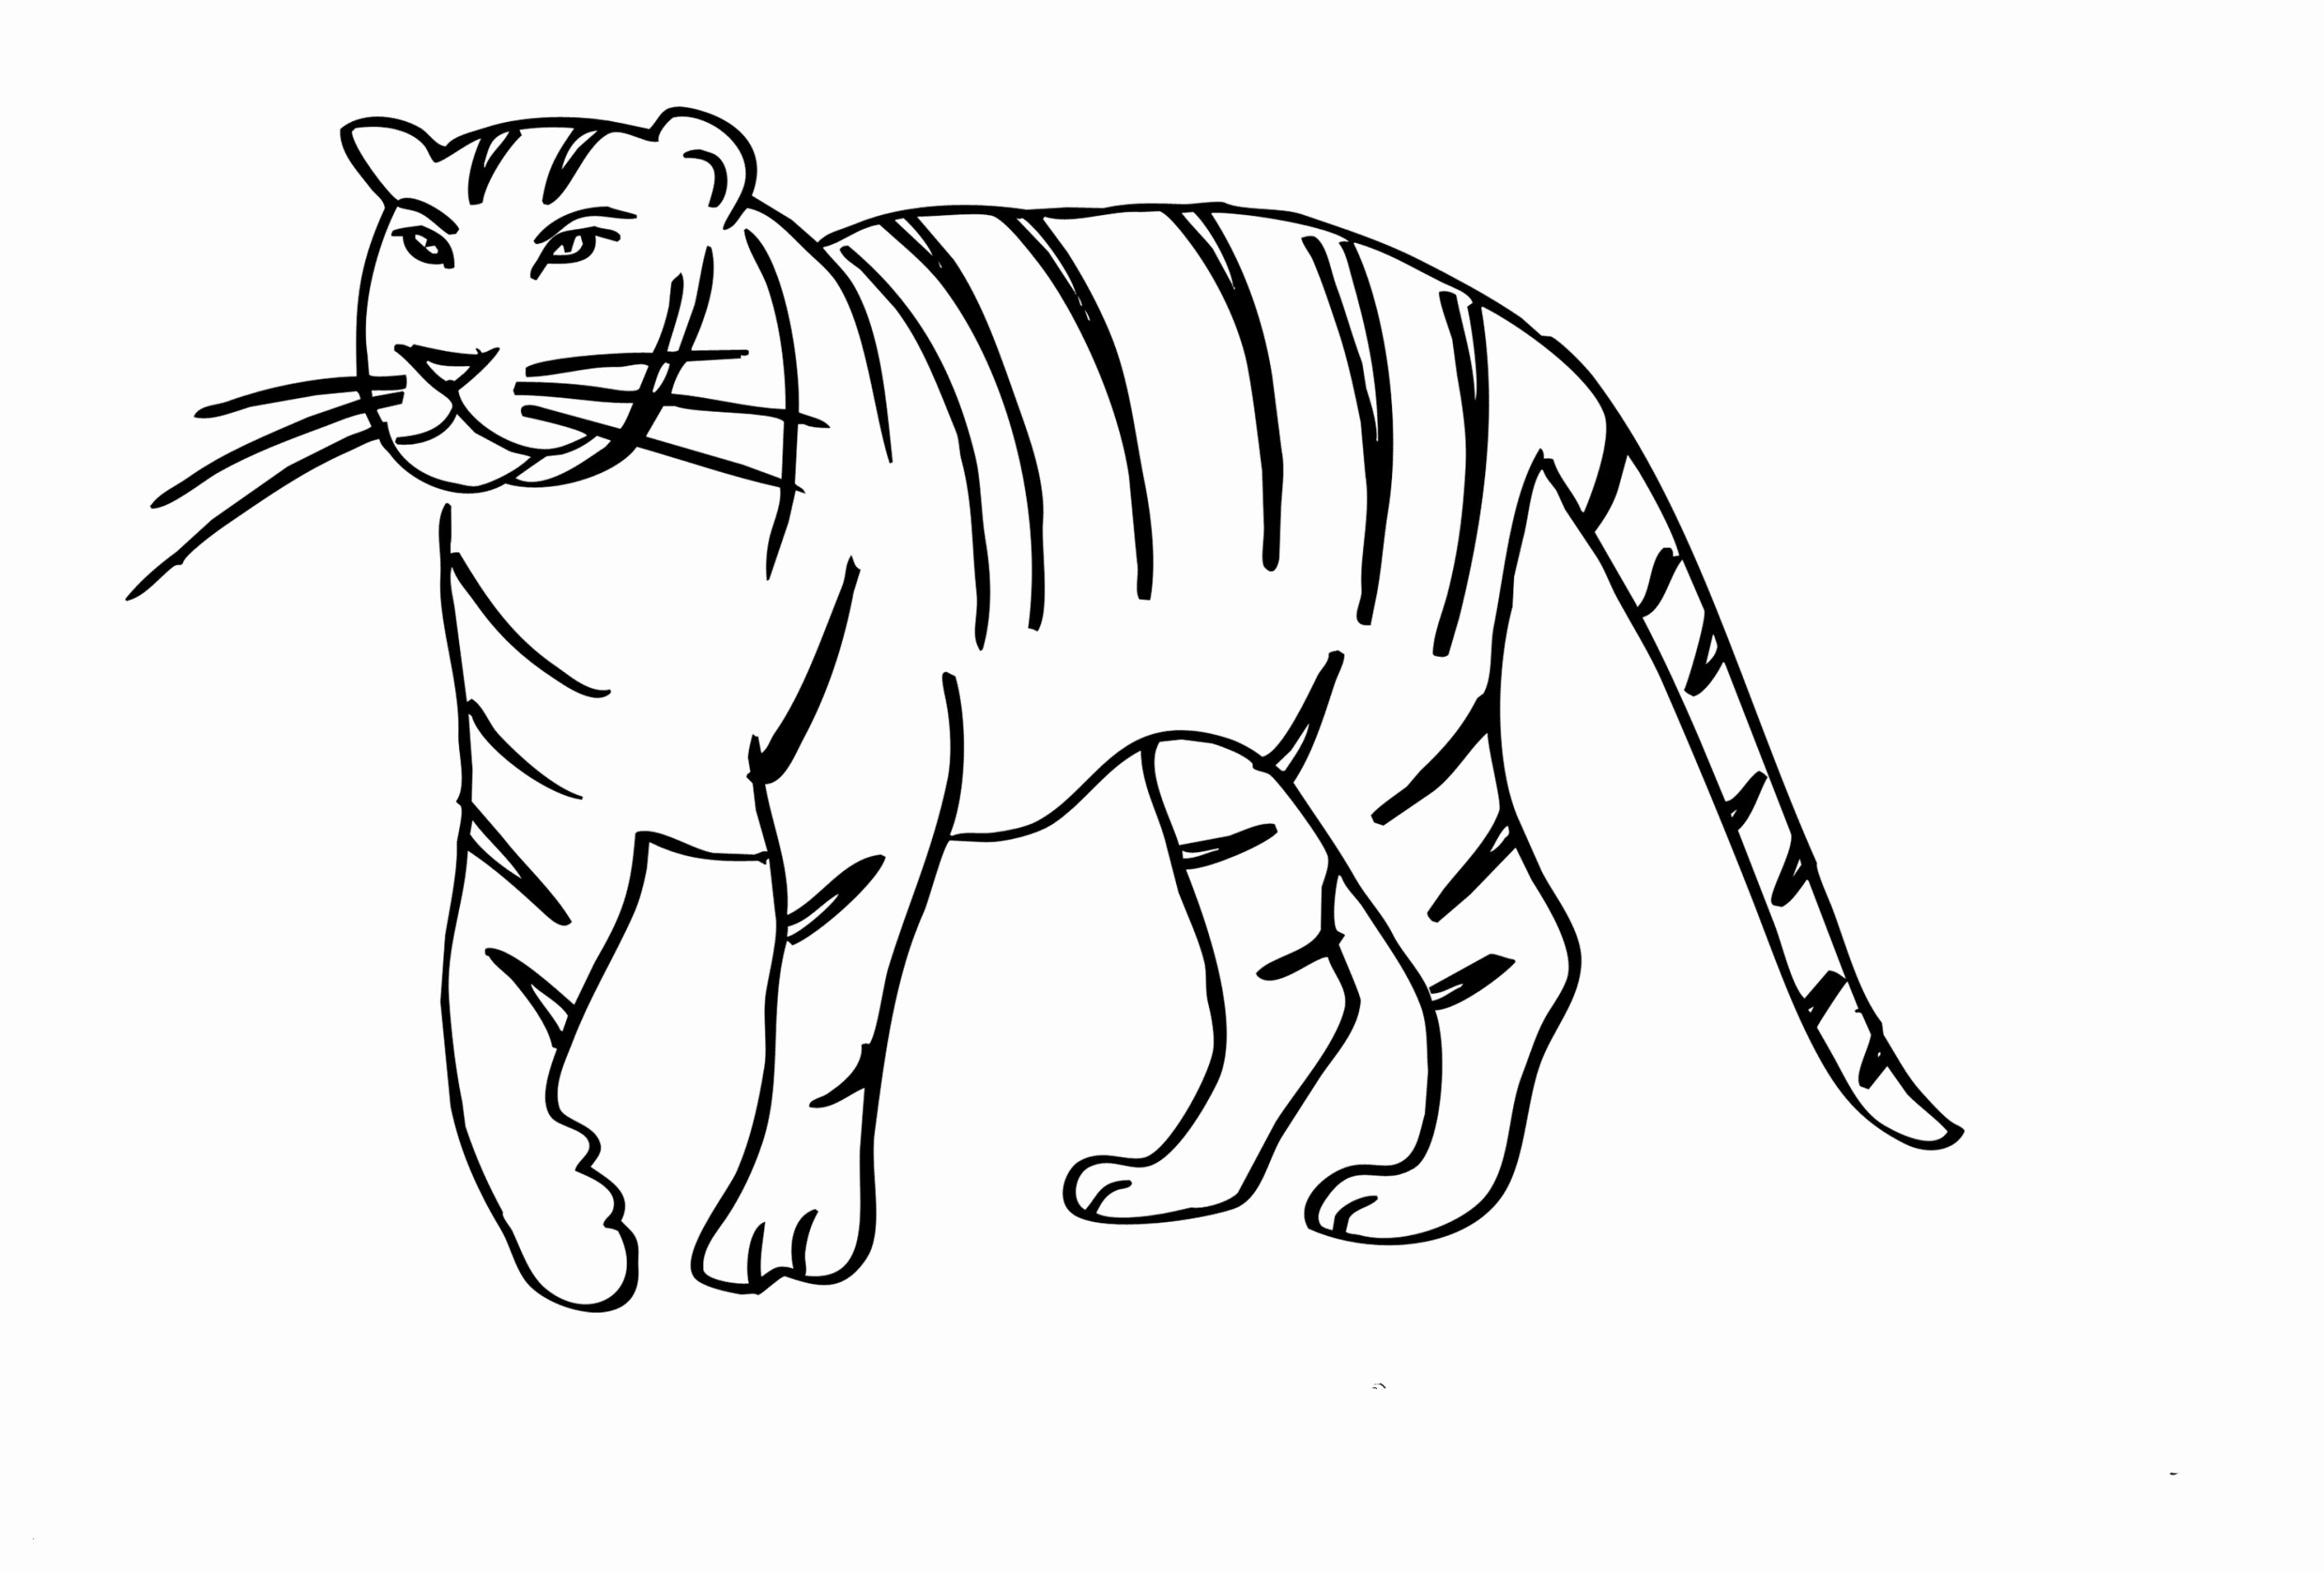 Einhorn Emoji Zum Ausmalen Frisch Emojis Zum Ausmalen Neueste Modelle 38 Malvorlagen Tiger Fotografieren